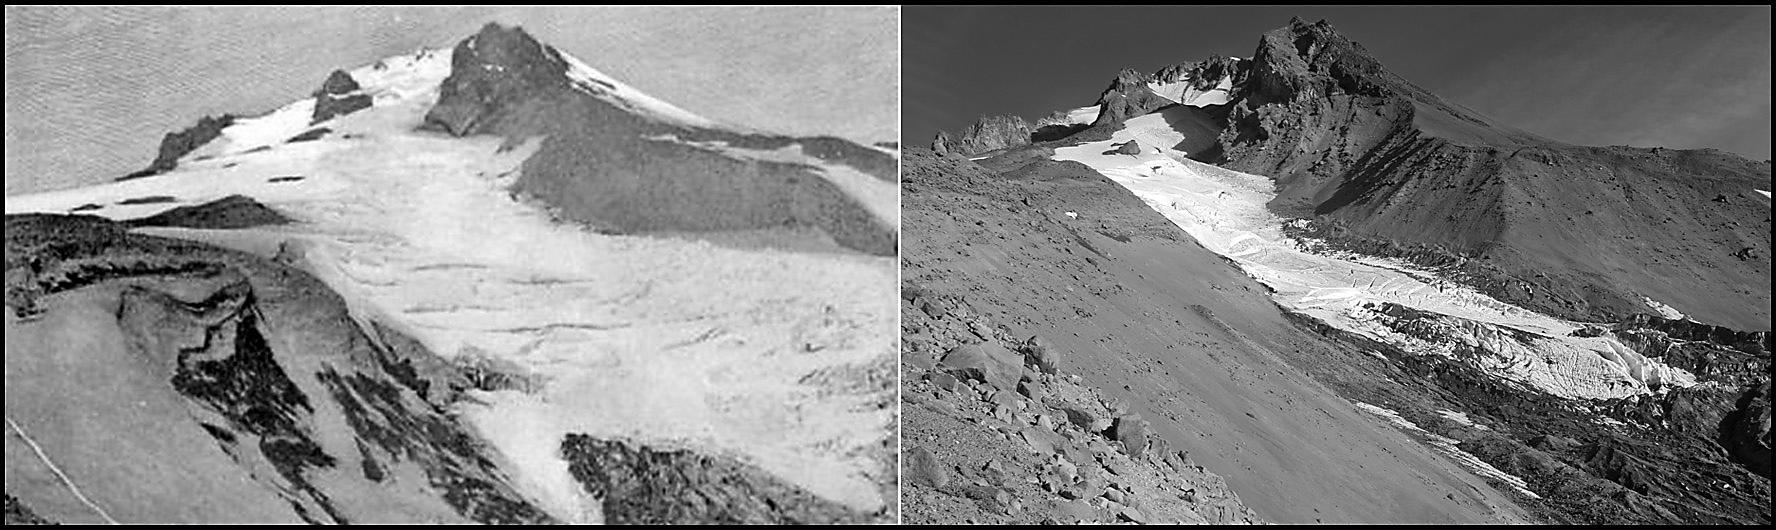 White River Glacier 1902/2010